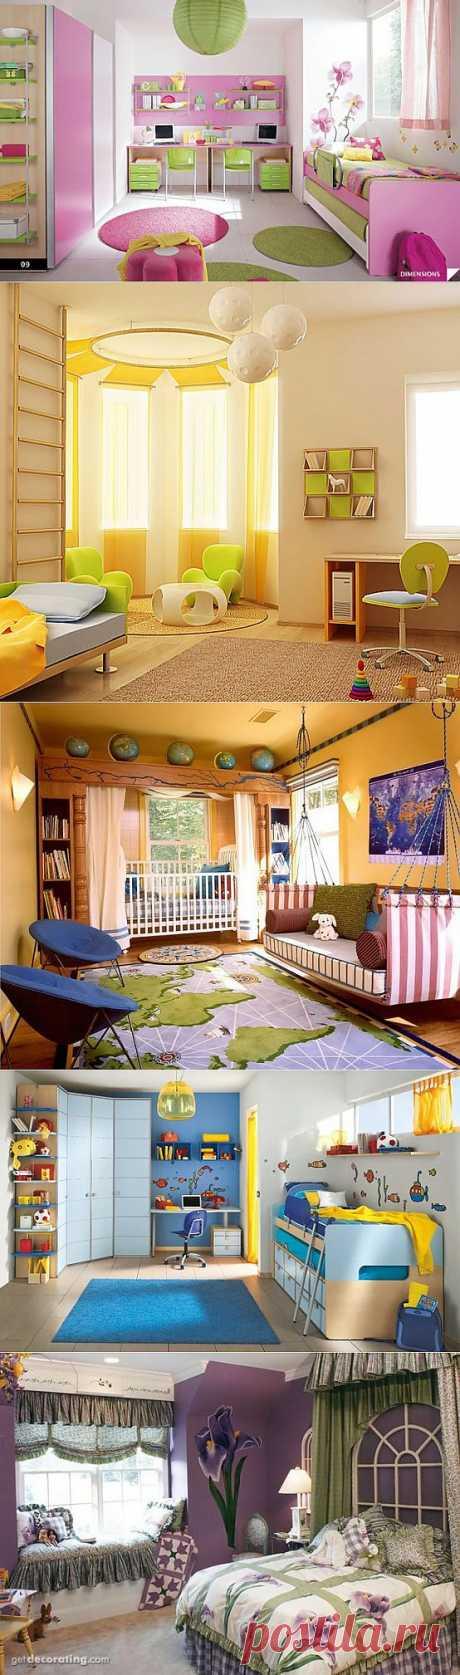 Какой должна быть детская комната?.